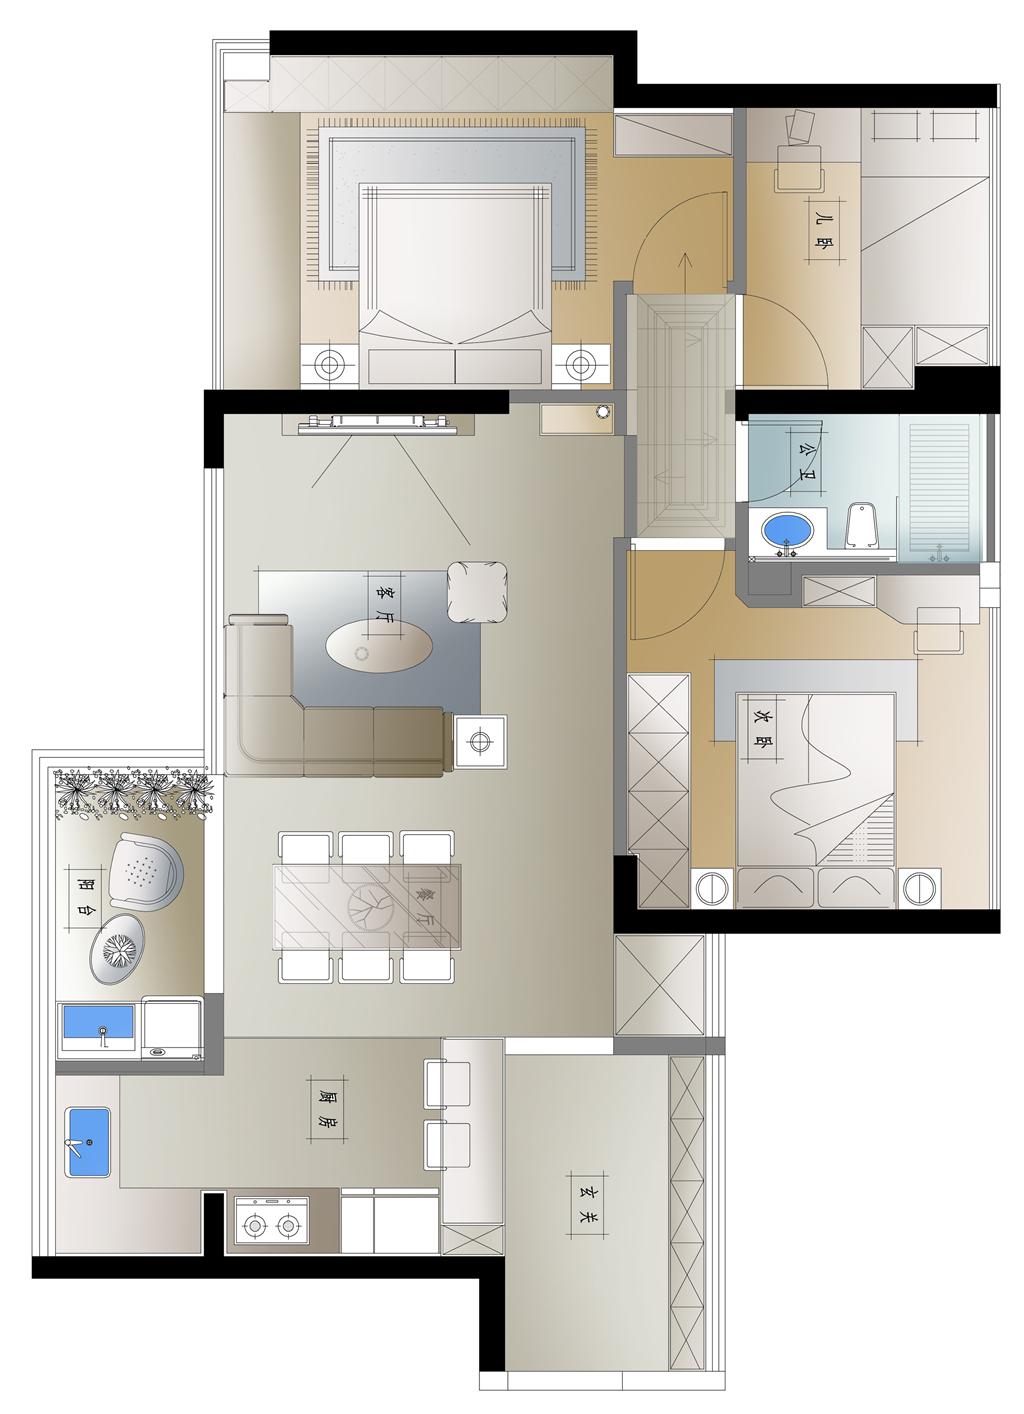 佳兆业前海广场  现代风格装修效果图 89平米小户型案例装修设计理念